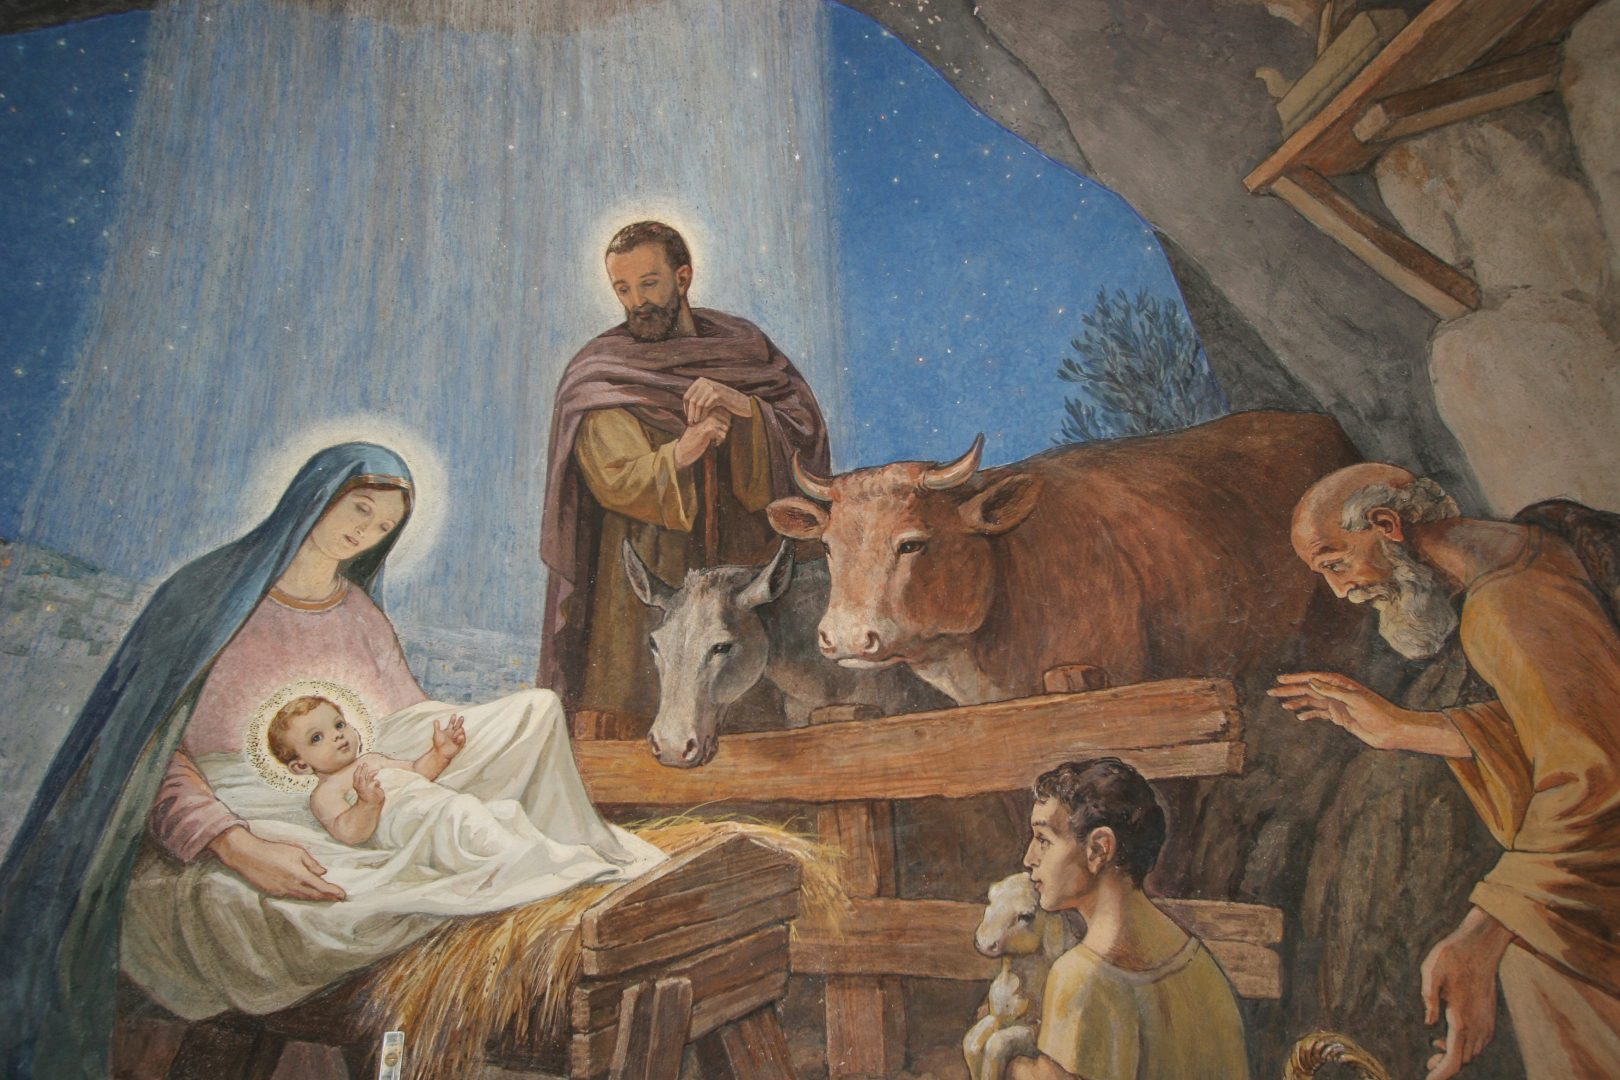 nativity scene of baby Jesus in stable